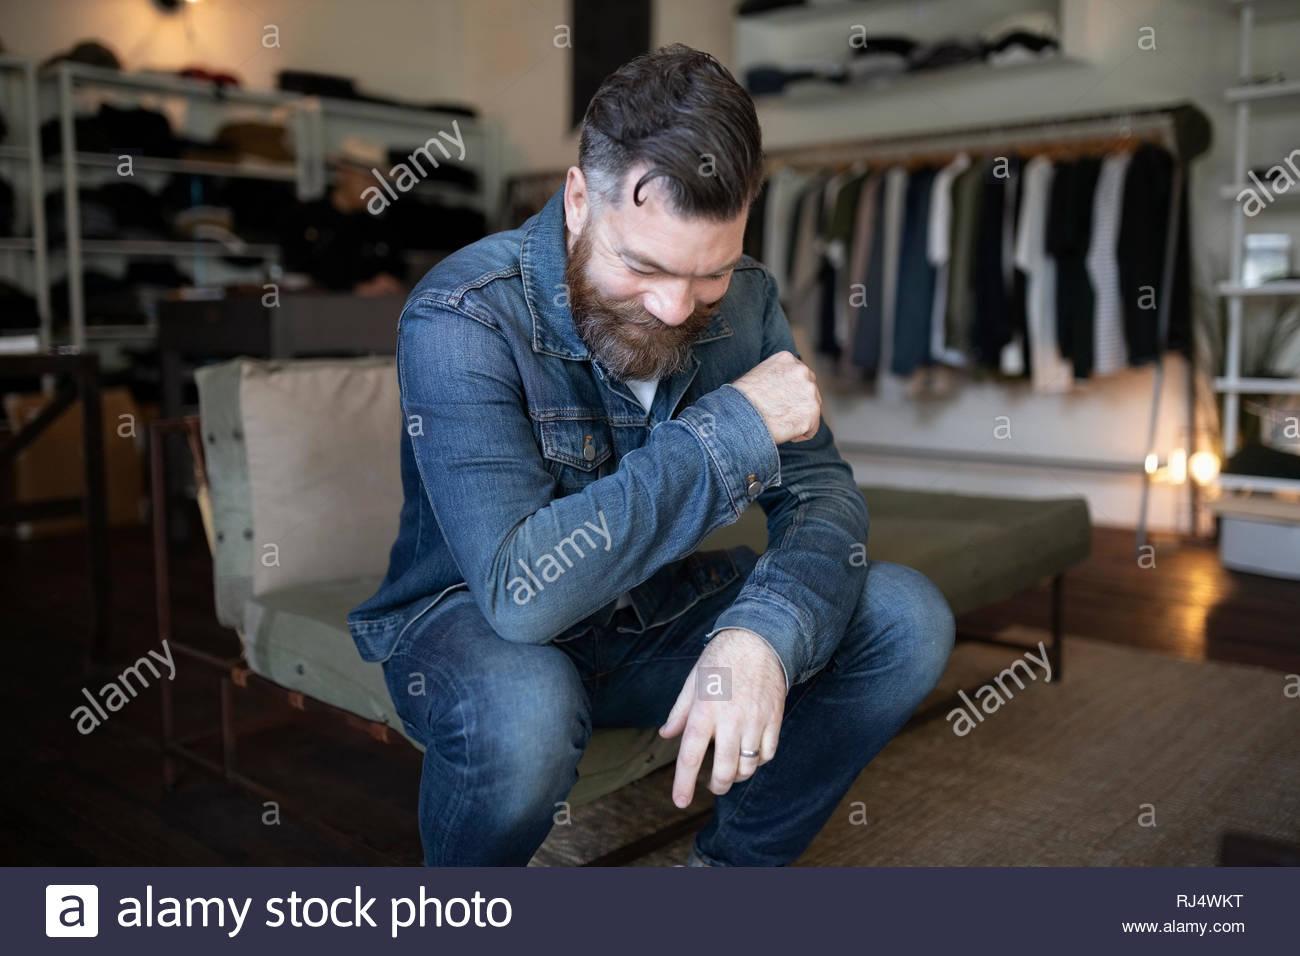 Hombre sonriendo con barba en ropa tienda de ropa Imagen De Stock